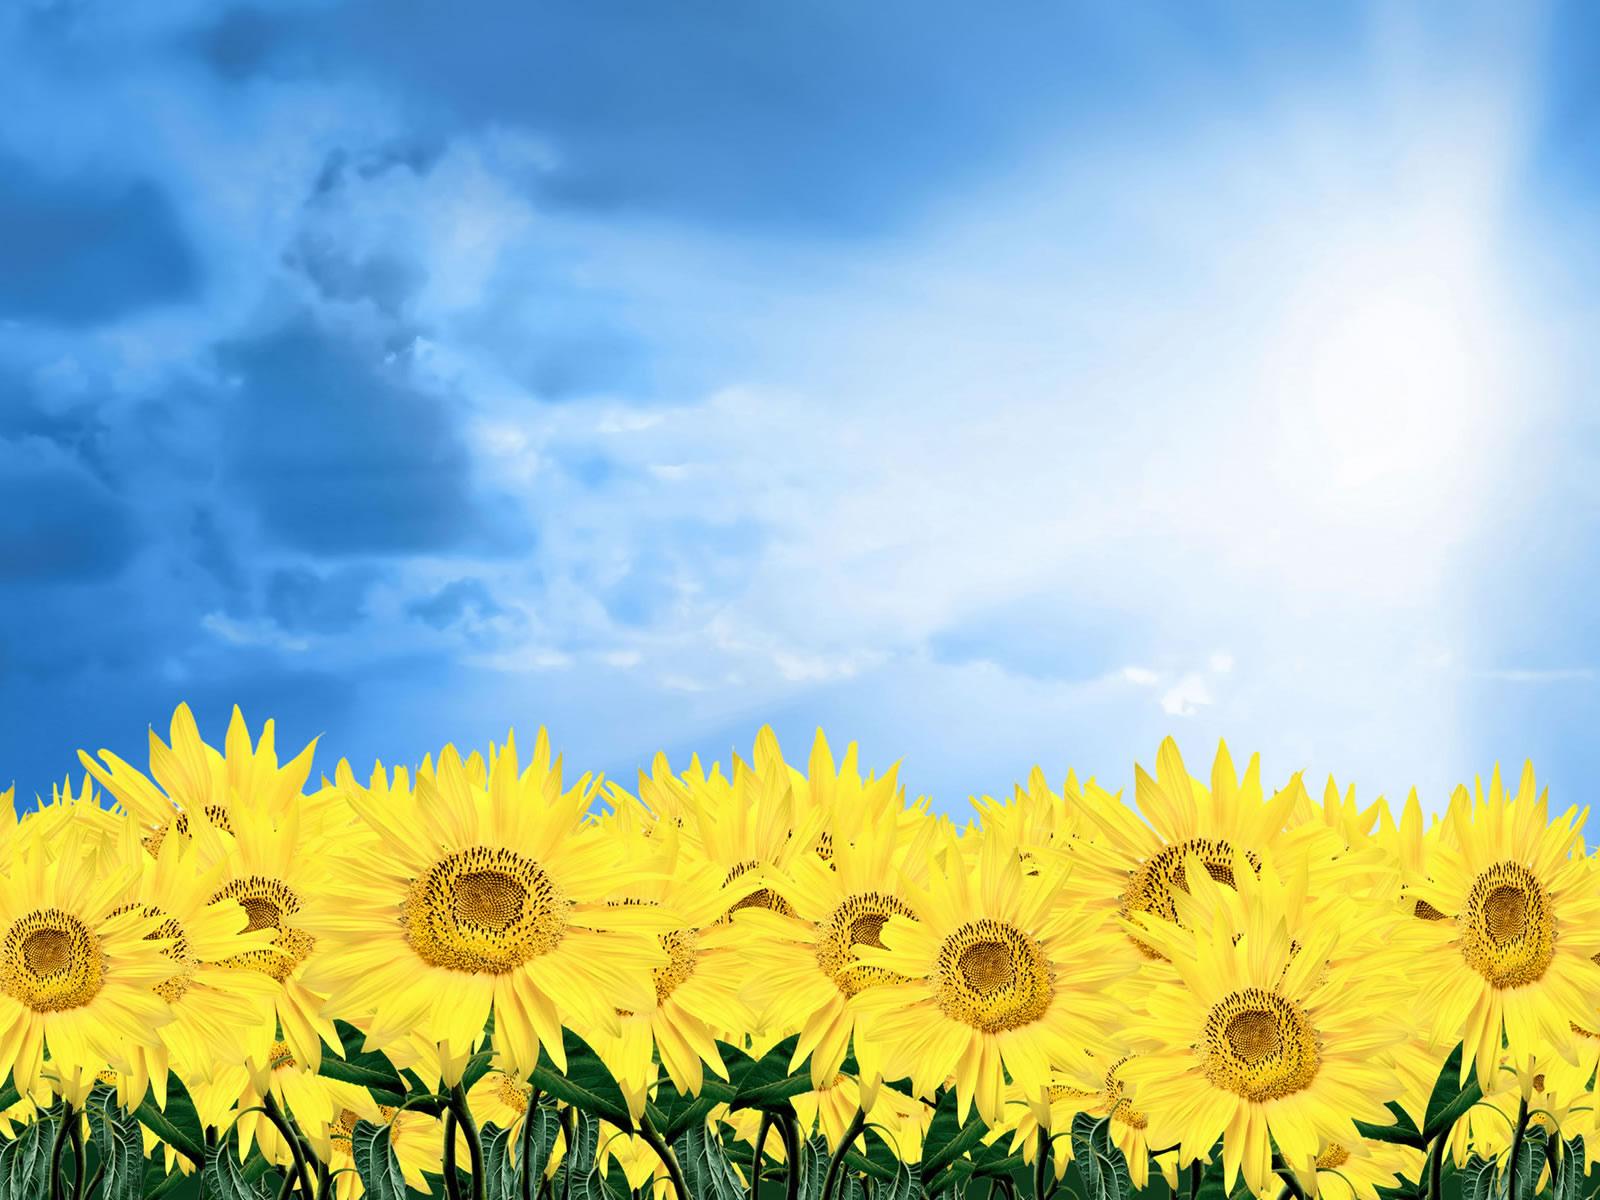 http://1.bp.blogspot.com/-_gpyYmr47yg/UN32712jbfI/AAAAAAAAJp4/OsiSaBXEcAw/s1600/ws_Sunflower_1600x1200.jpg